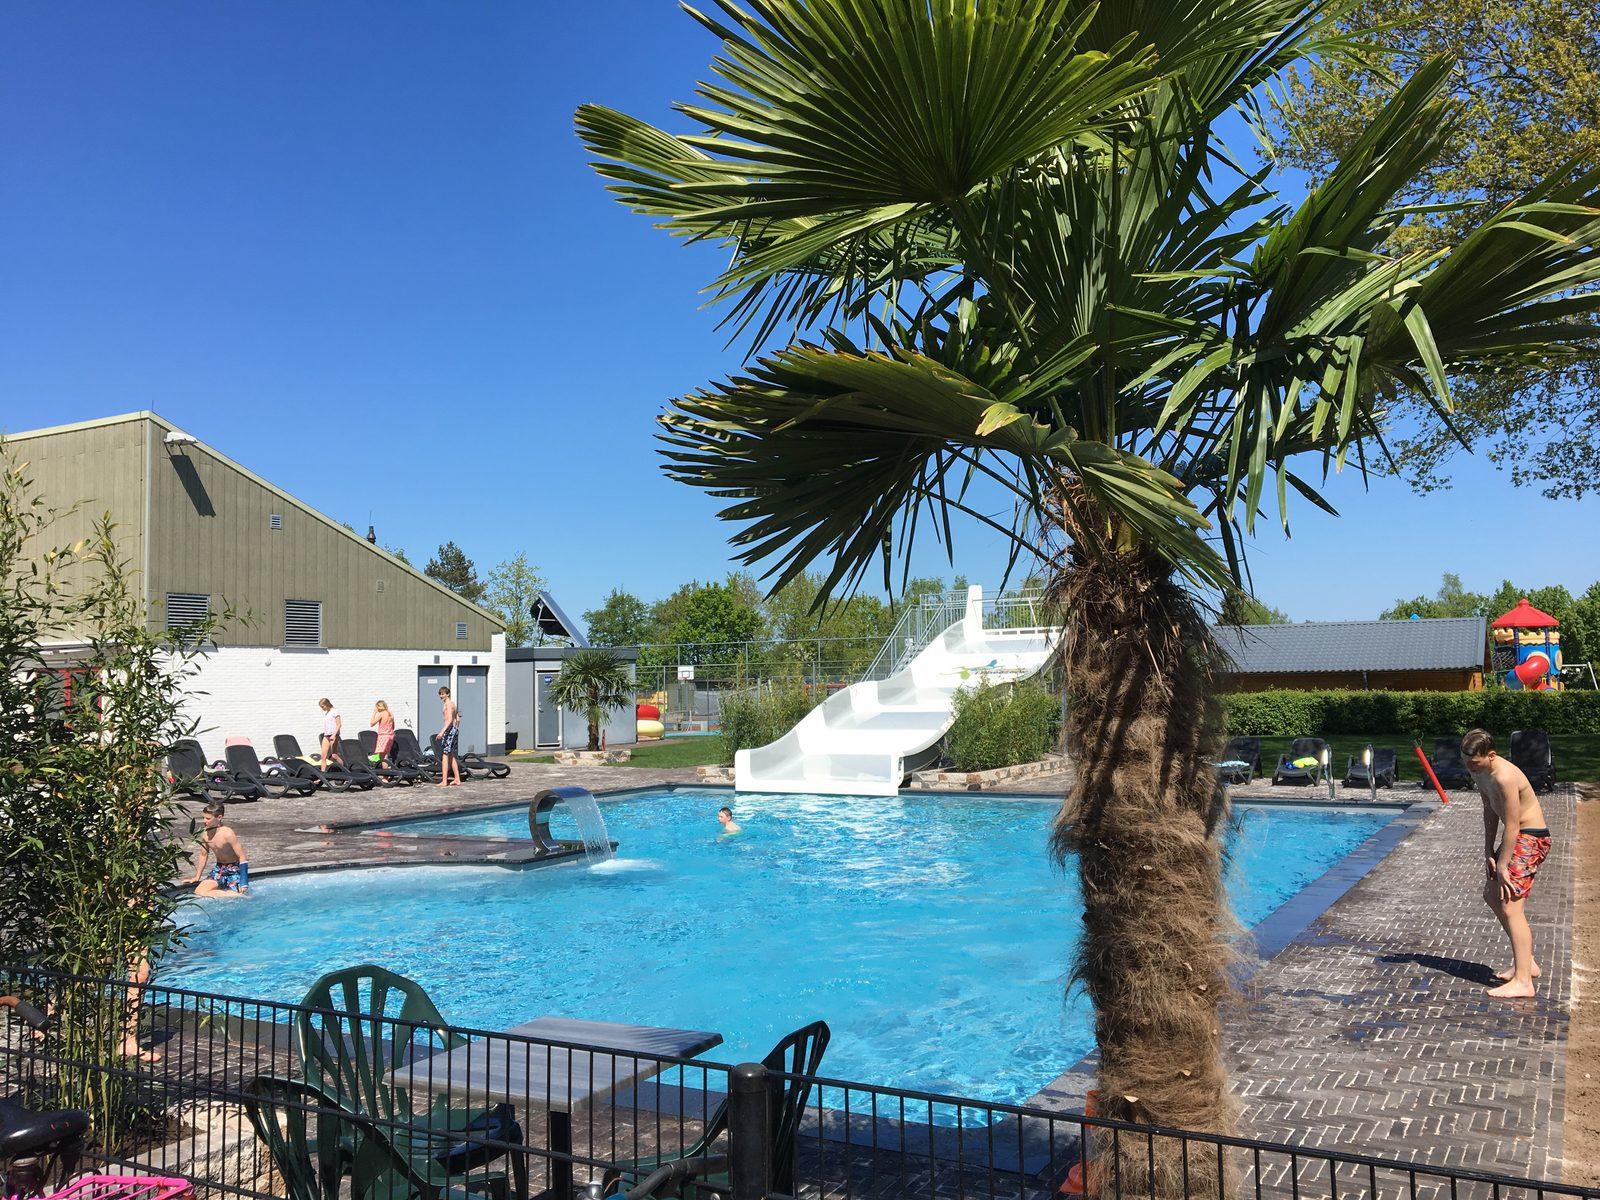 Zwemmen in het buitenzwembad